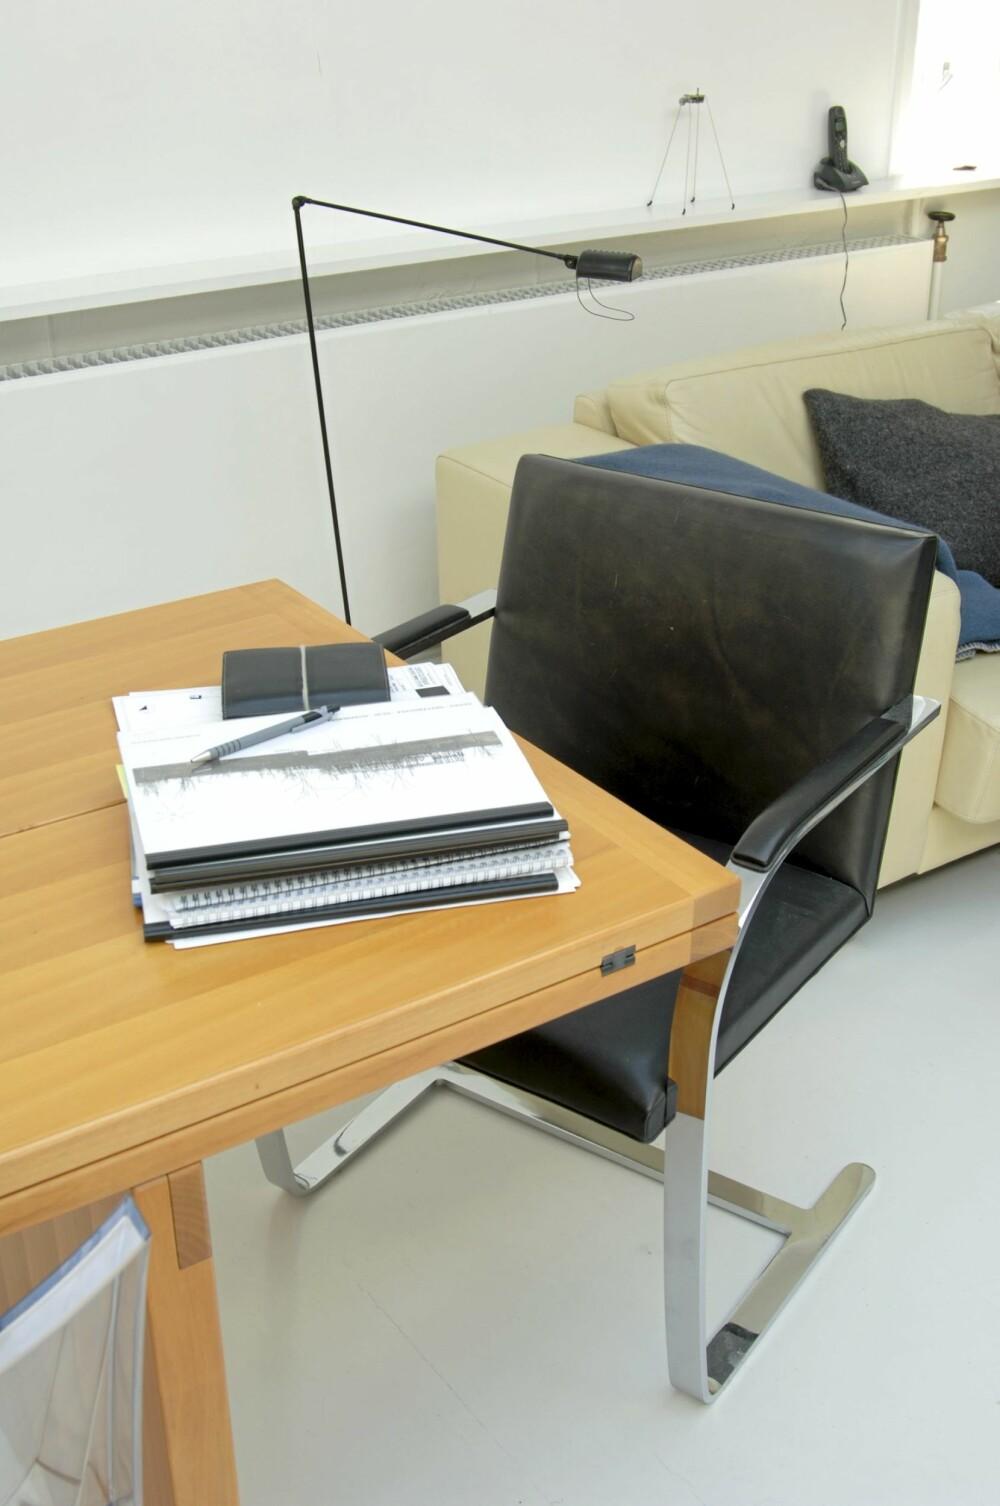 PIONERER PASSER TIL STEDET: Brno-stolene fra 1930 er klassikere  i sitt rette miljø her hos arkitekten.